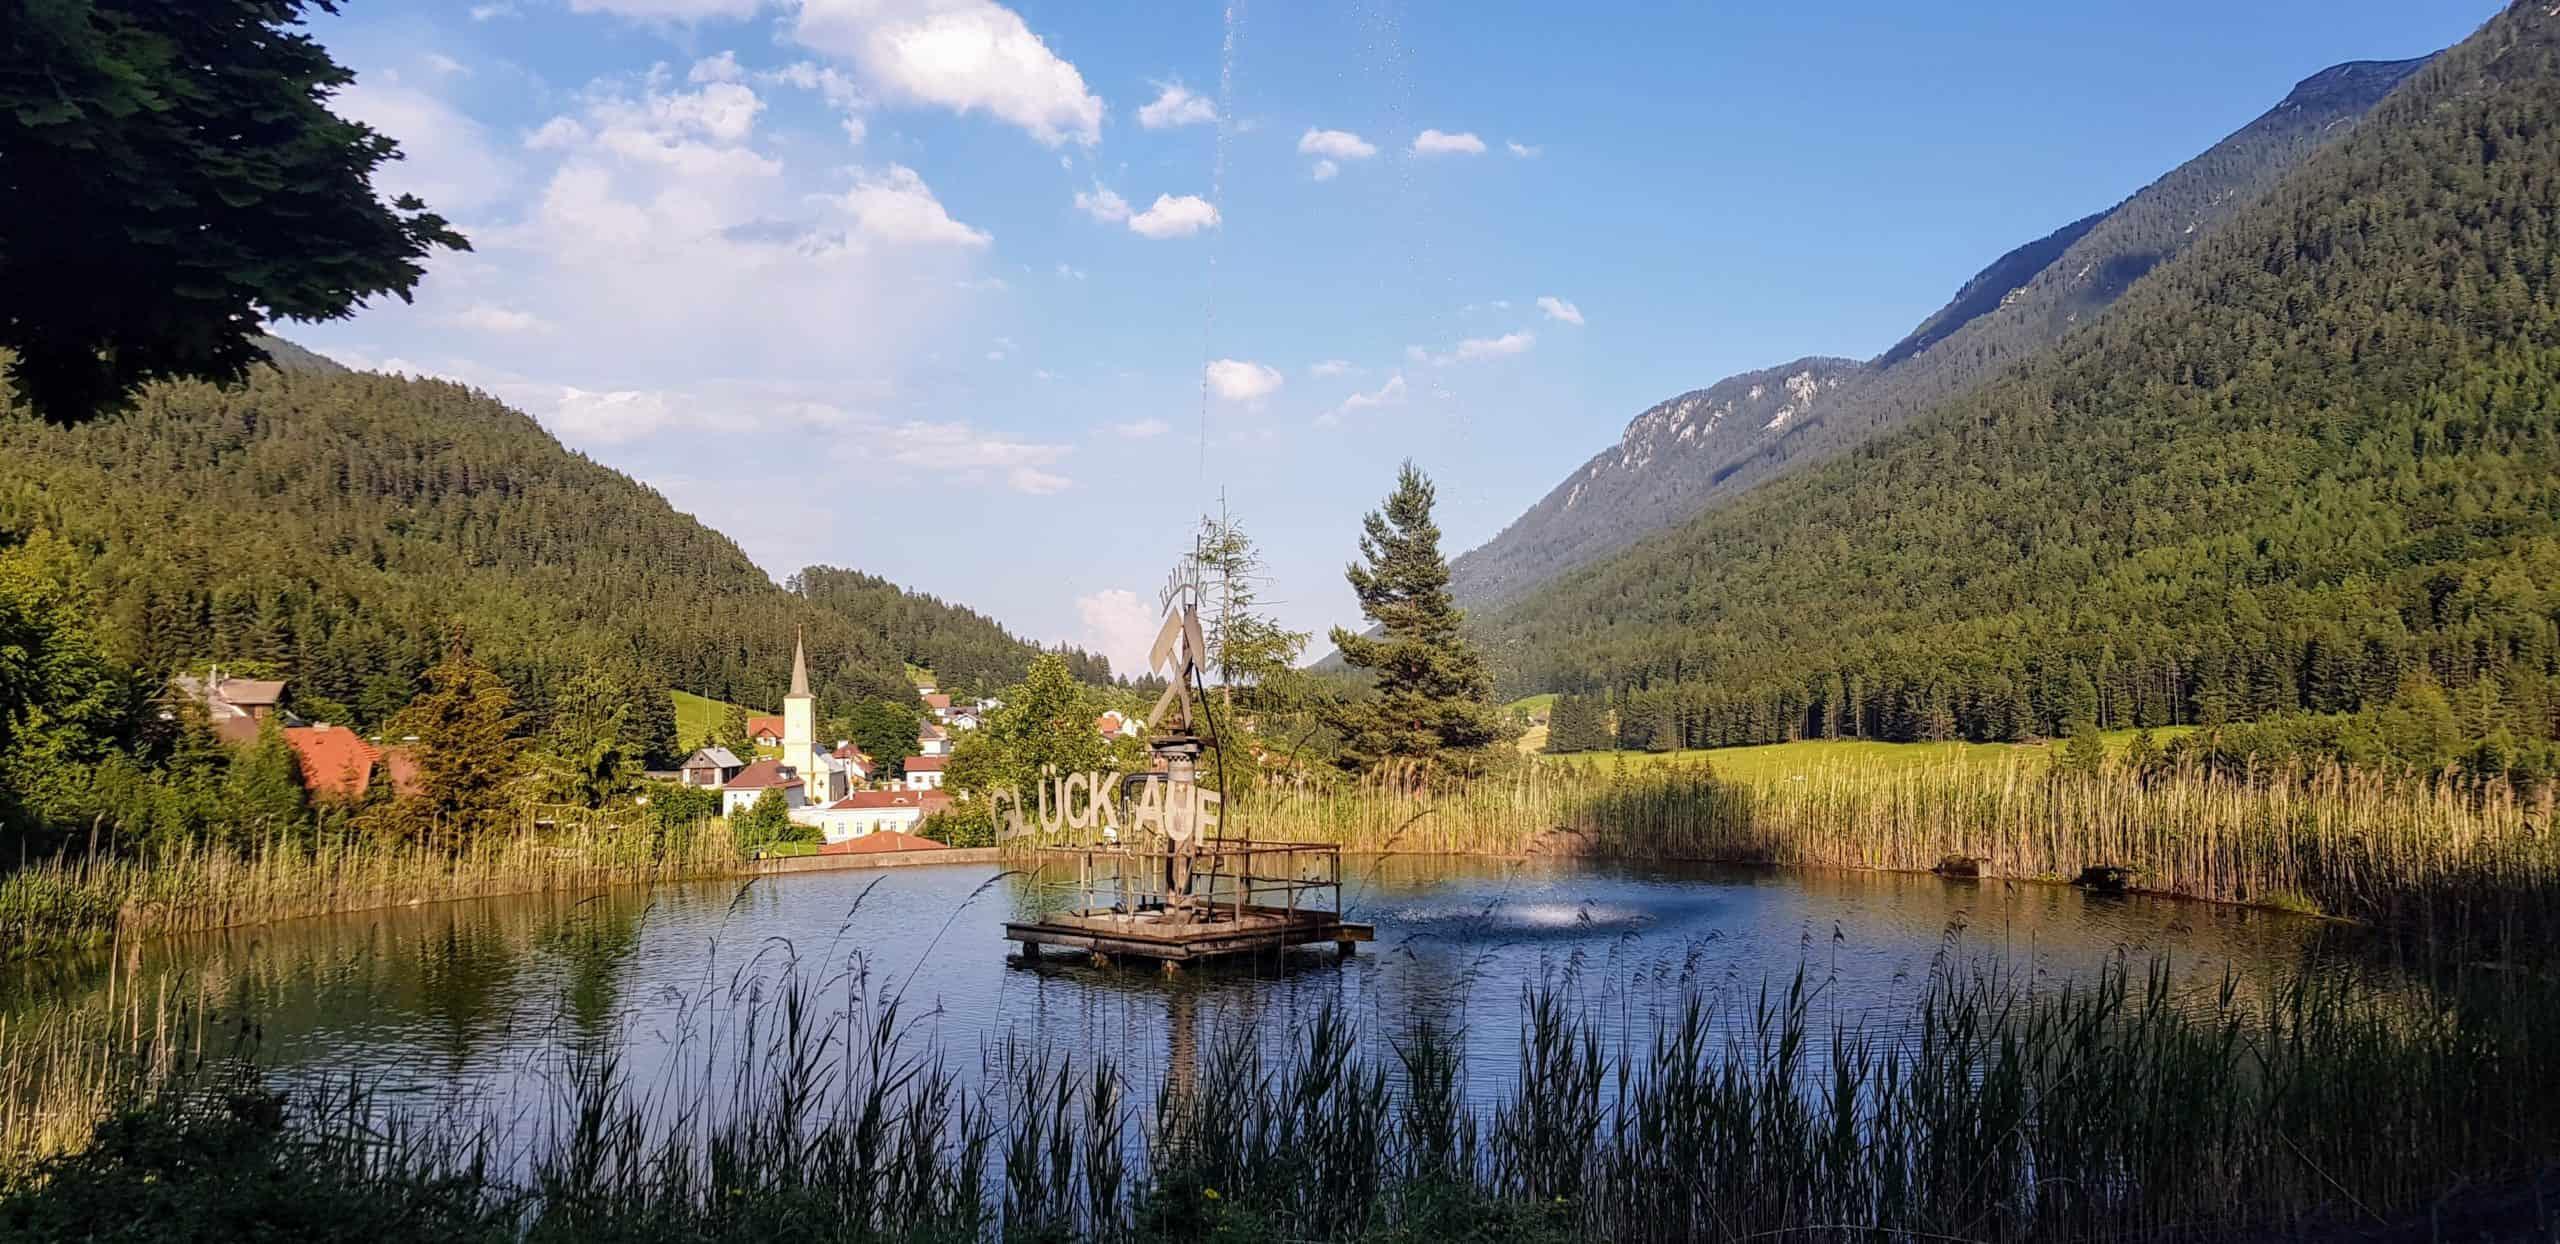 Brunnen in Bad Bleiberg, Nähe Villach. Er befindet sich vor dem Ausflugsziel für Familien, dem Schaubergwerk Terra Mystica in Österreich.